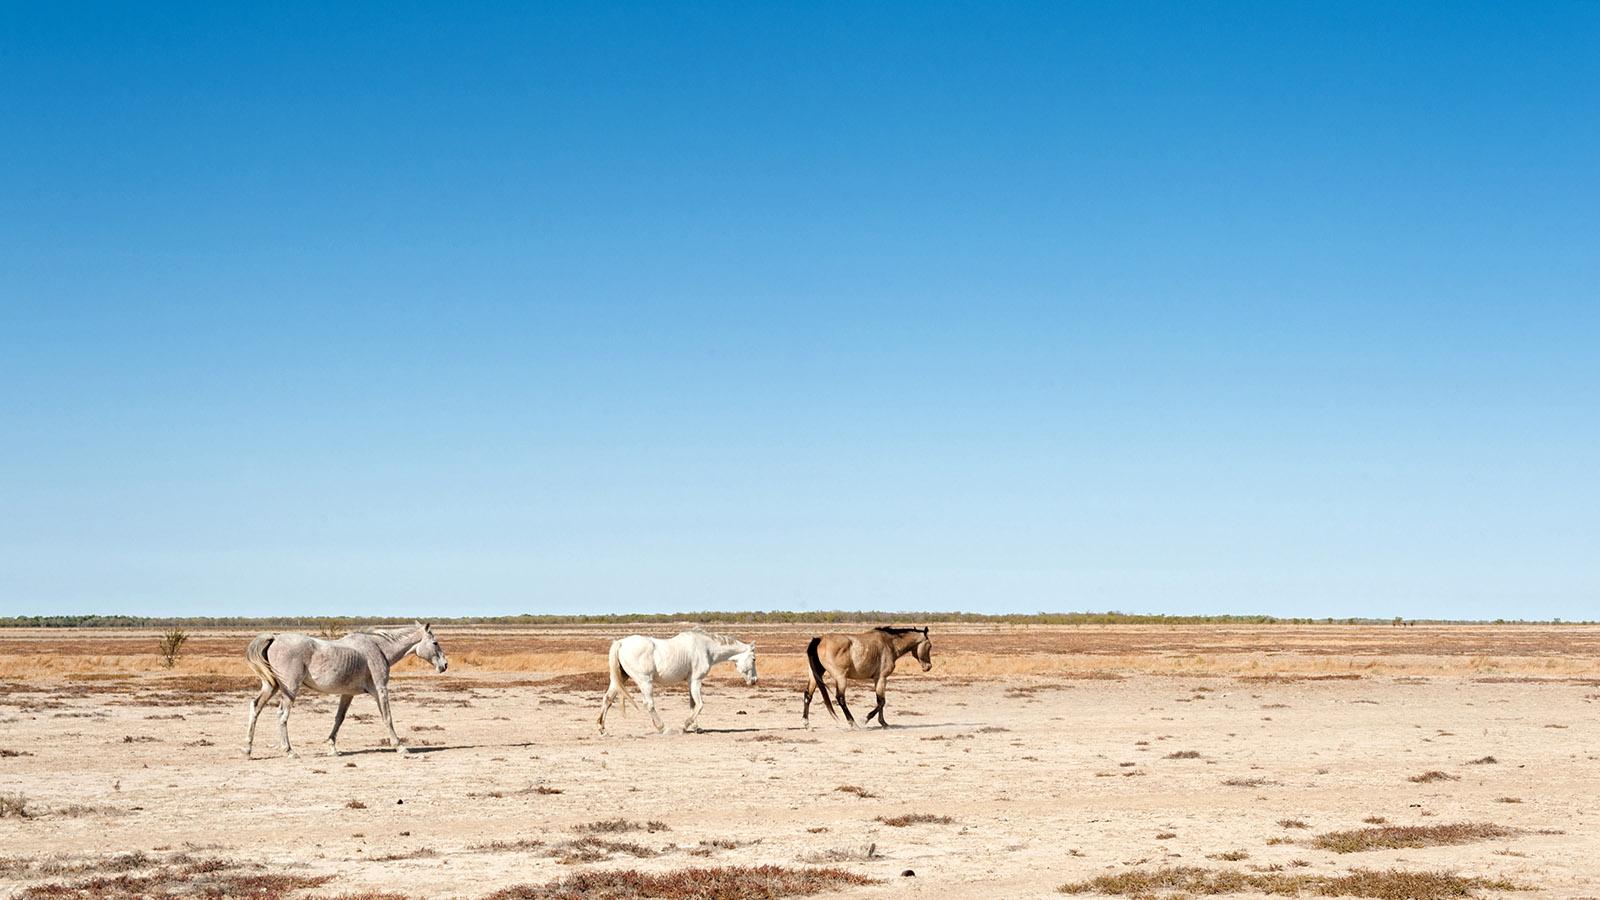 Ausgedörrt: die Halbwüste bei Karumba. Kaum vorstellbar, dass das Wasser hier meterhoch das Land überflutet. Foto: Hilke Maunder